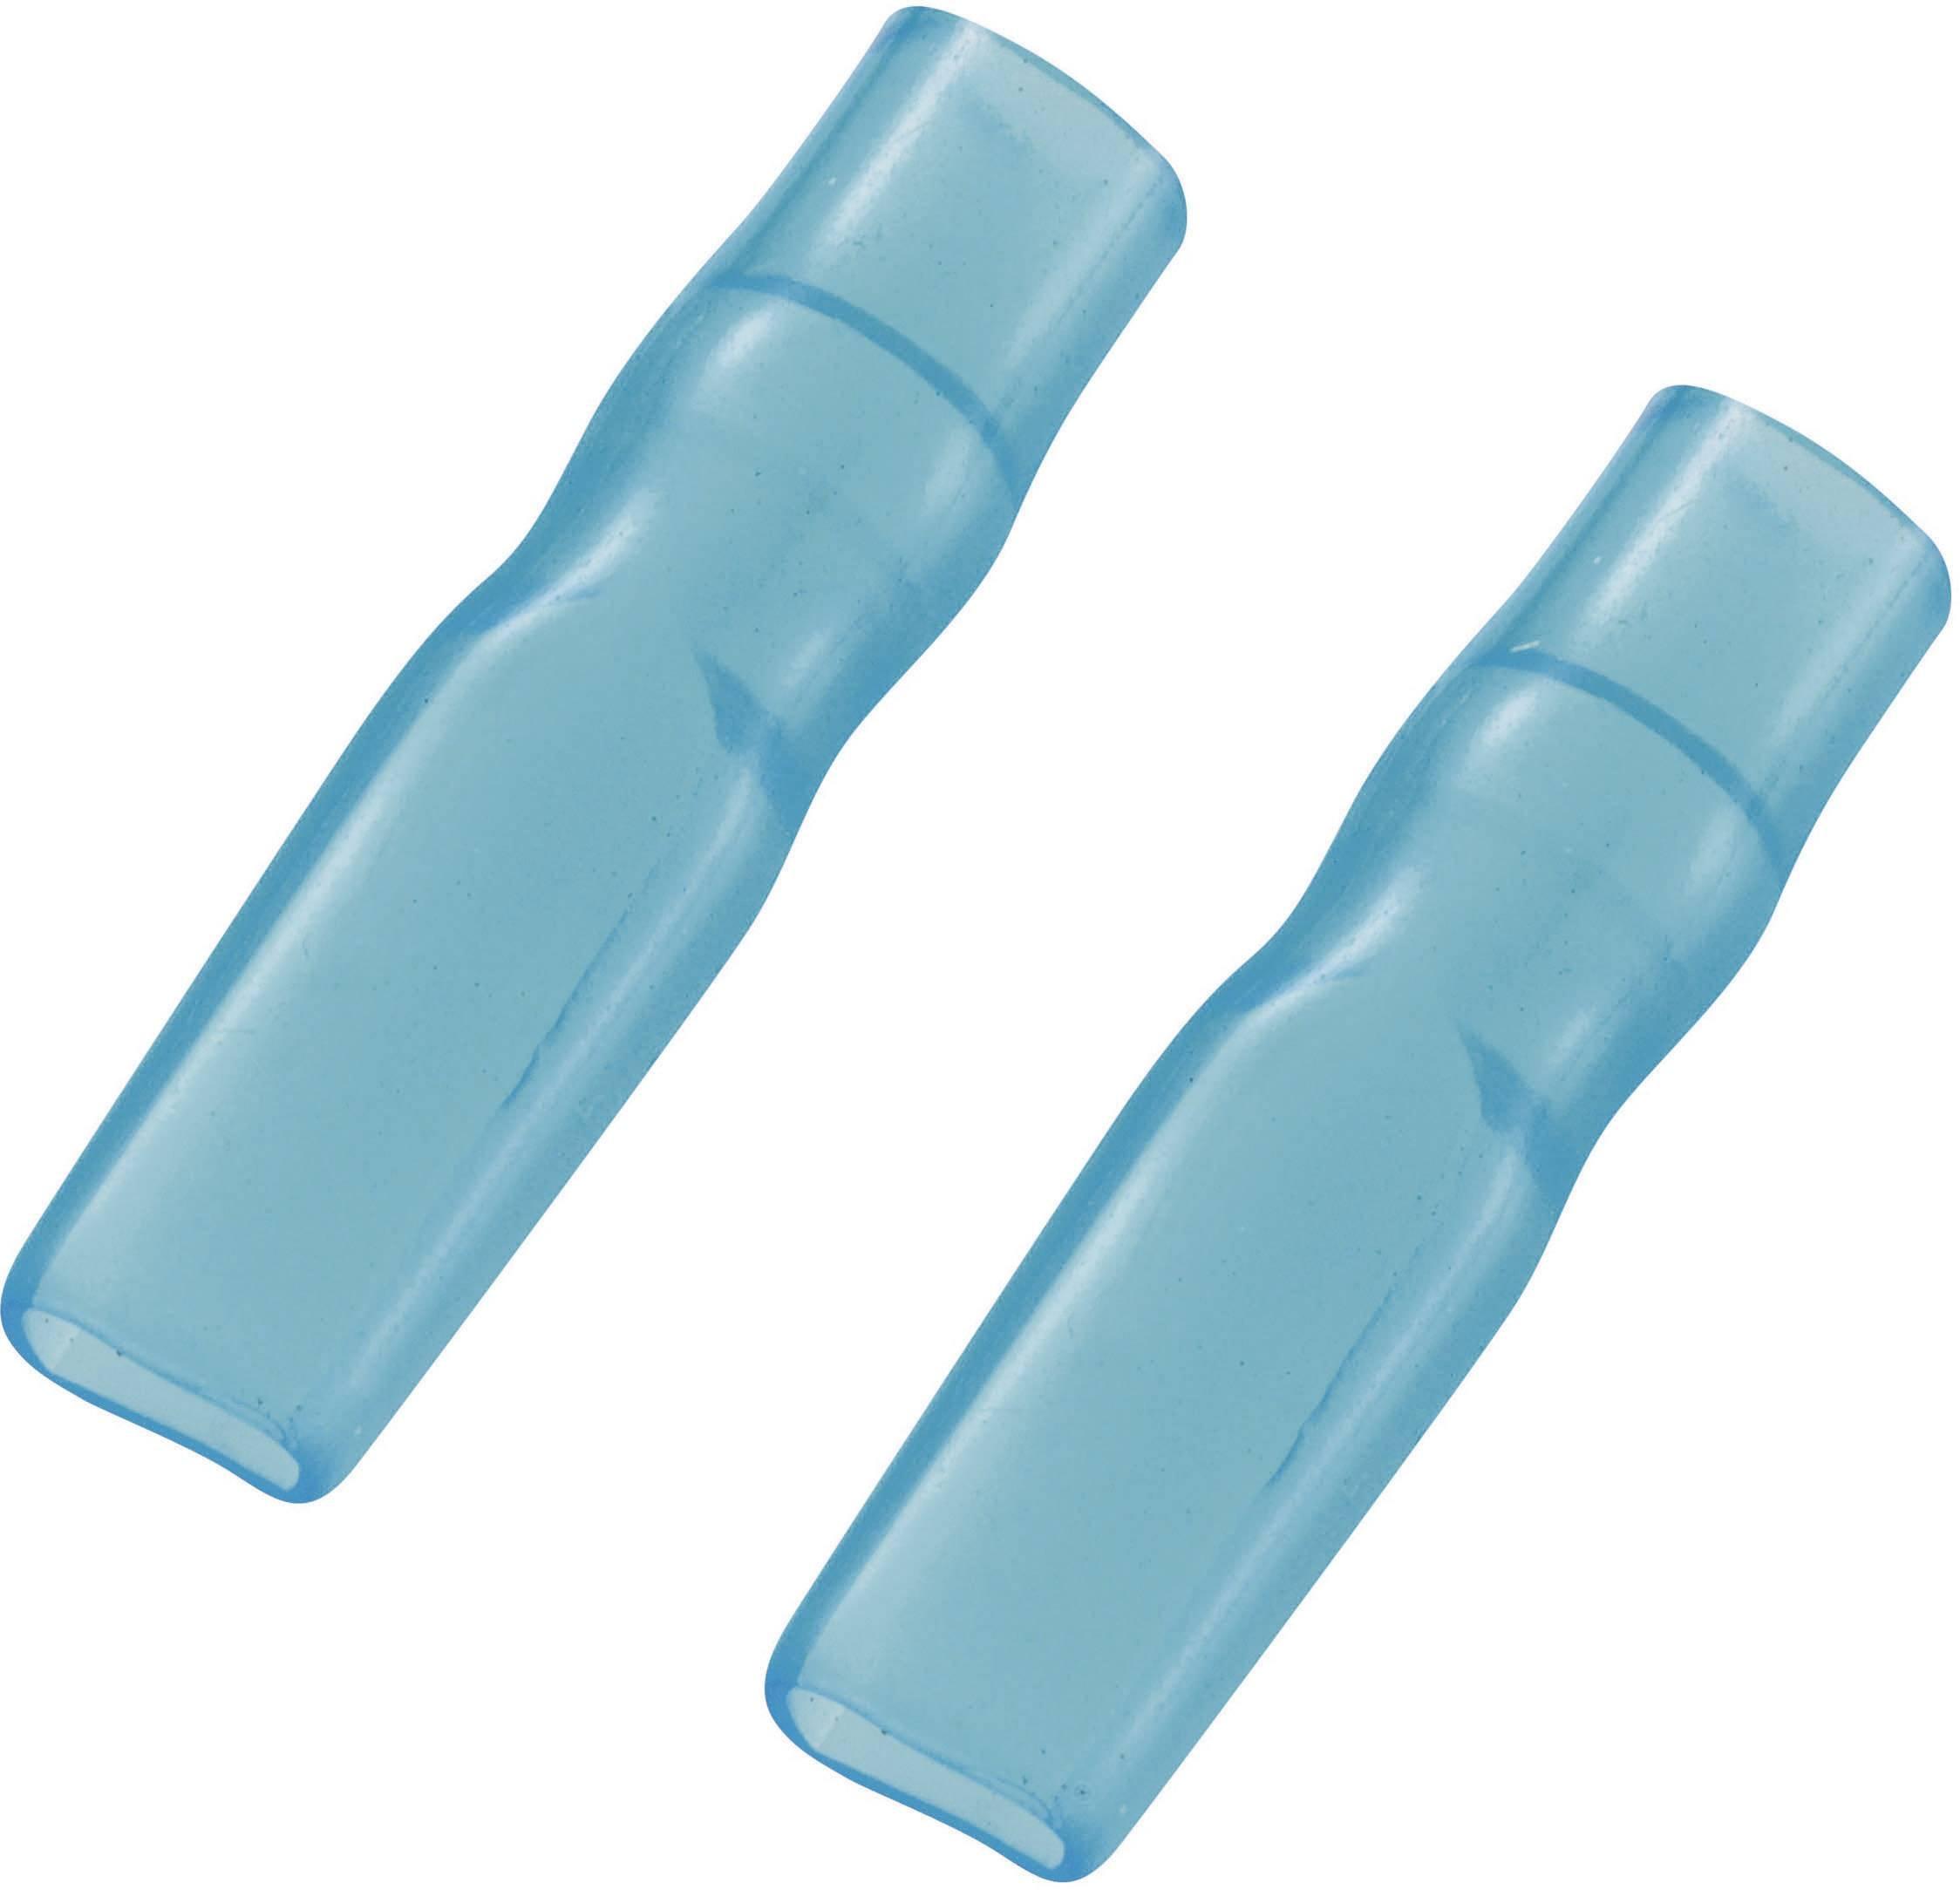 Izolačné puzdro z PVC pre ploché konektory 2,8 mm